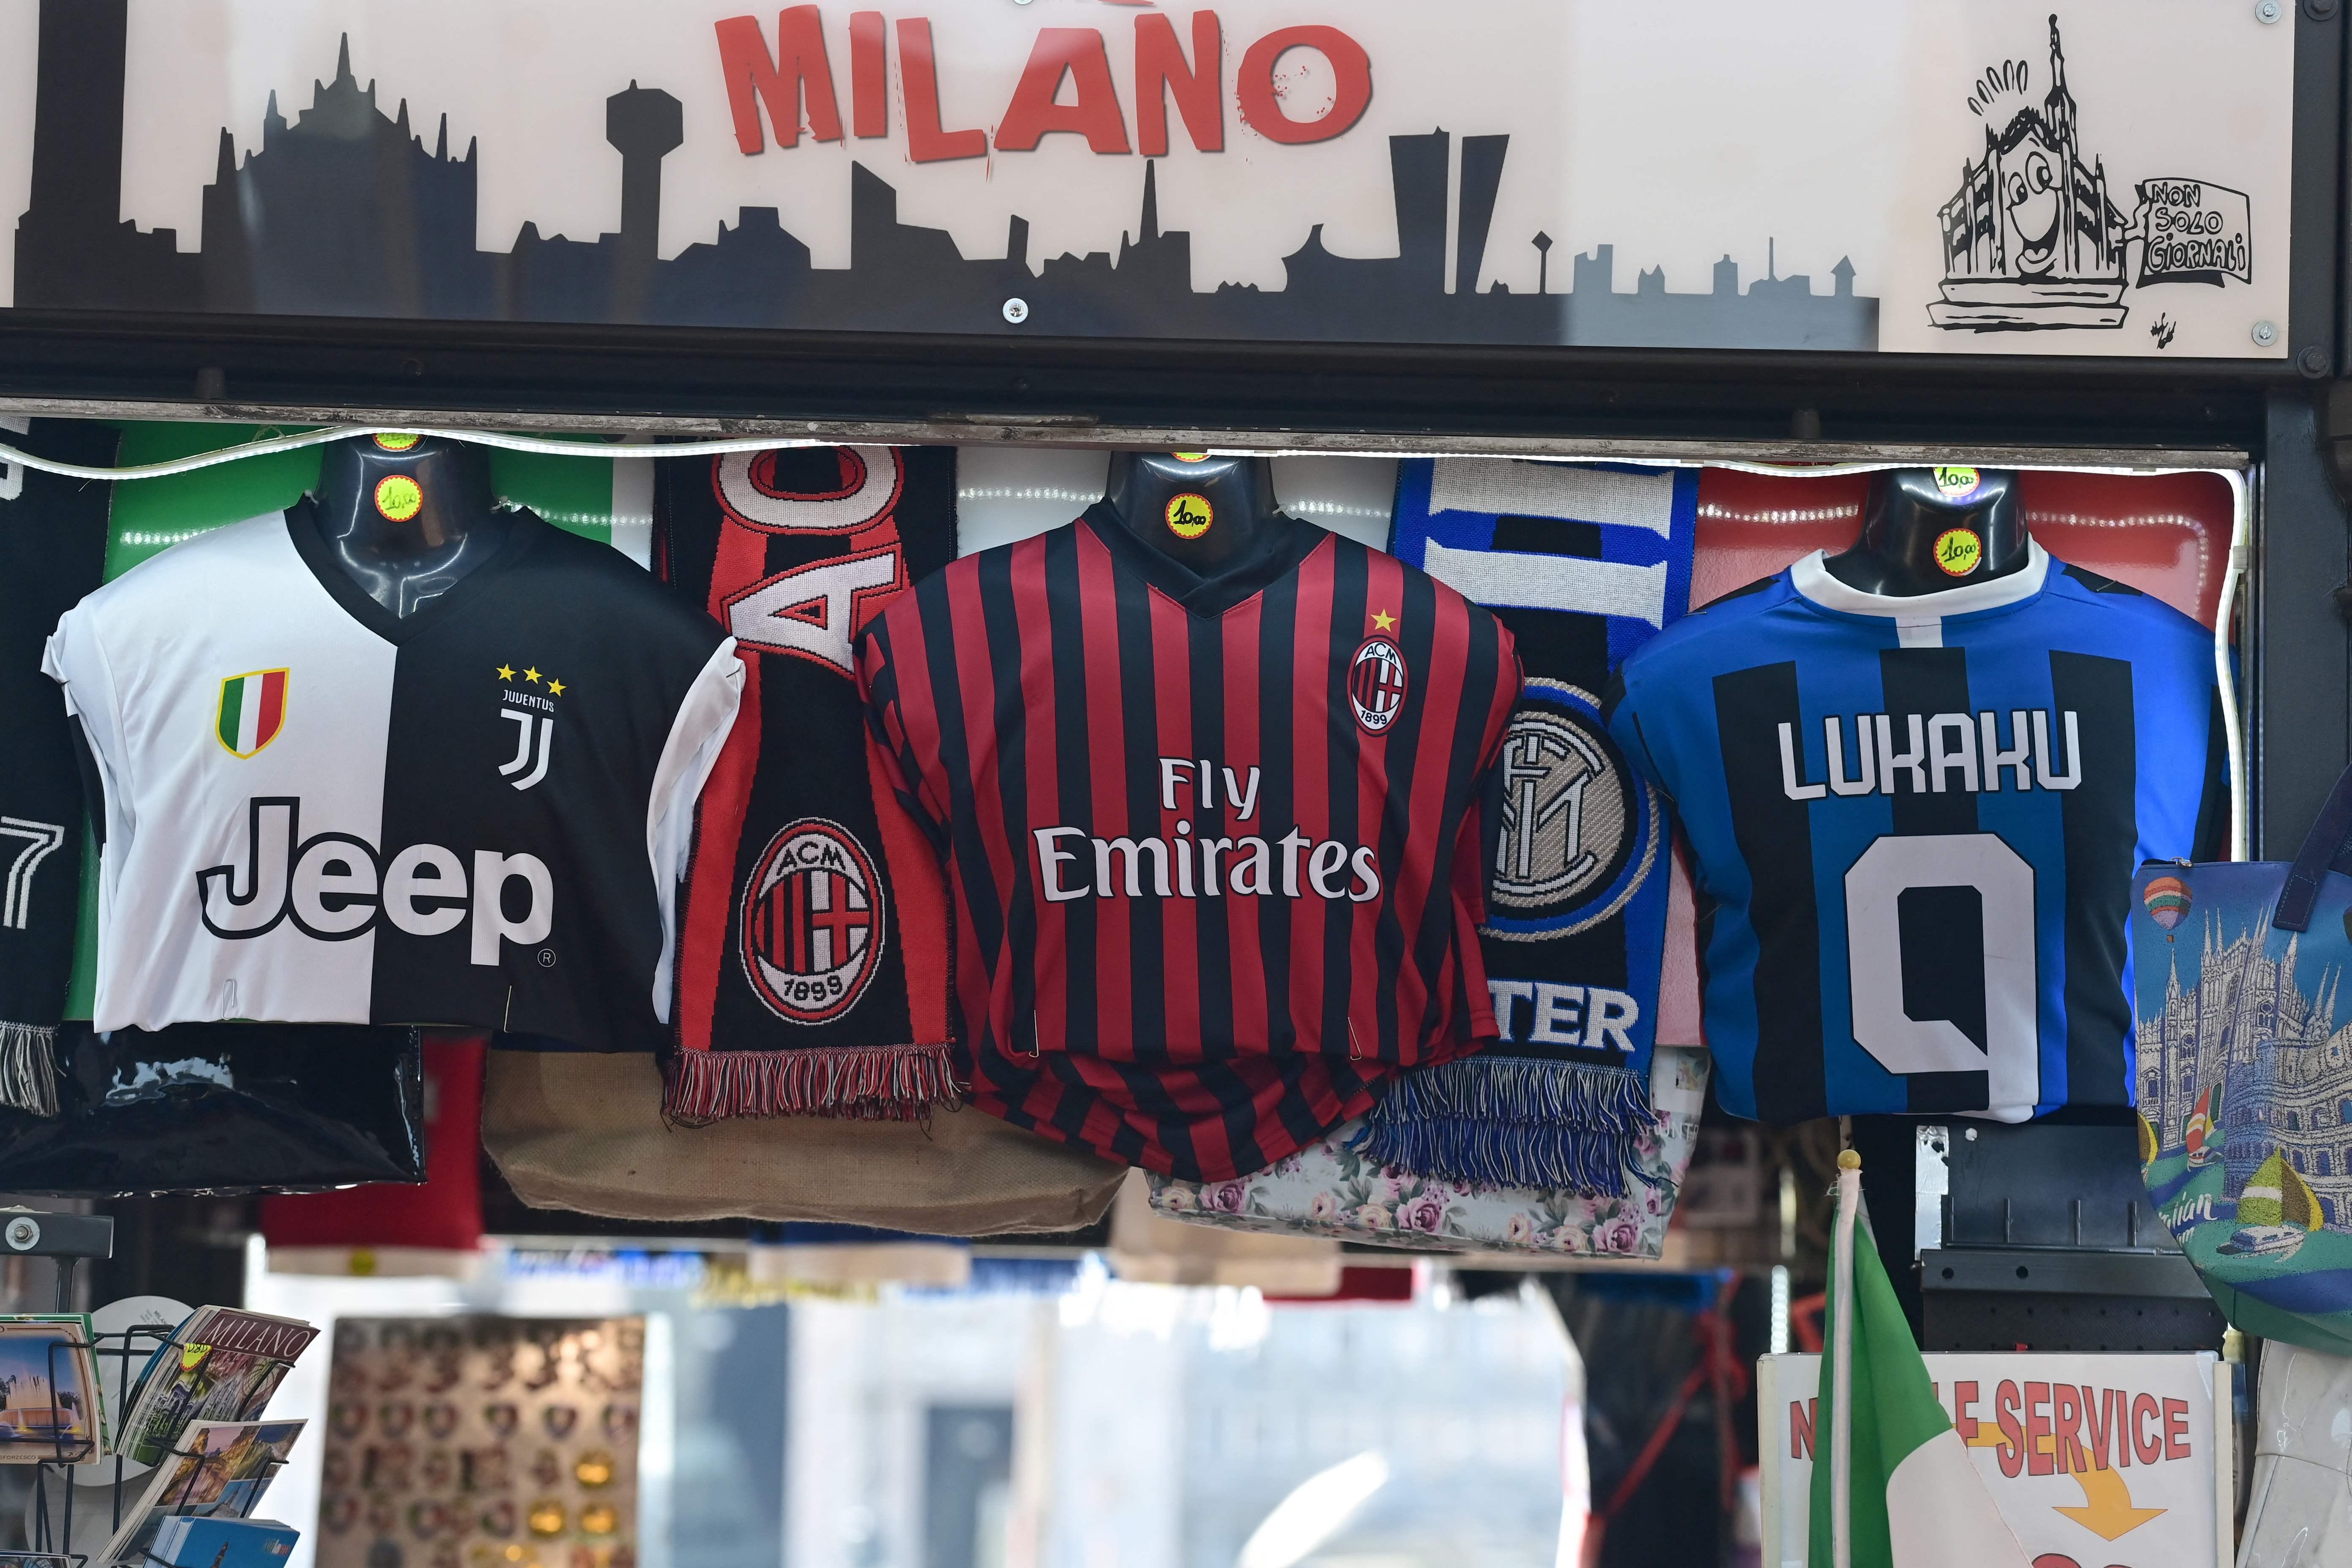 Fiasco de la Super Ligue : L'Inter, 8ème club à annoncer son retrait